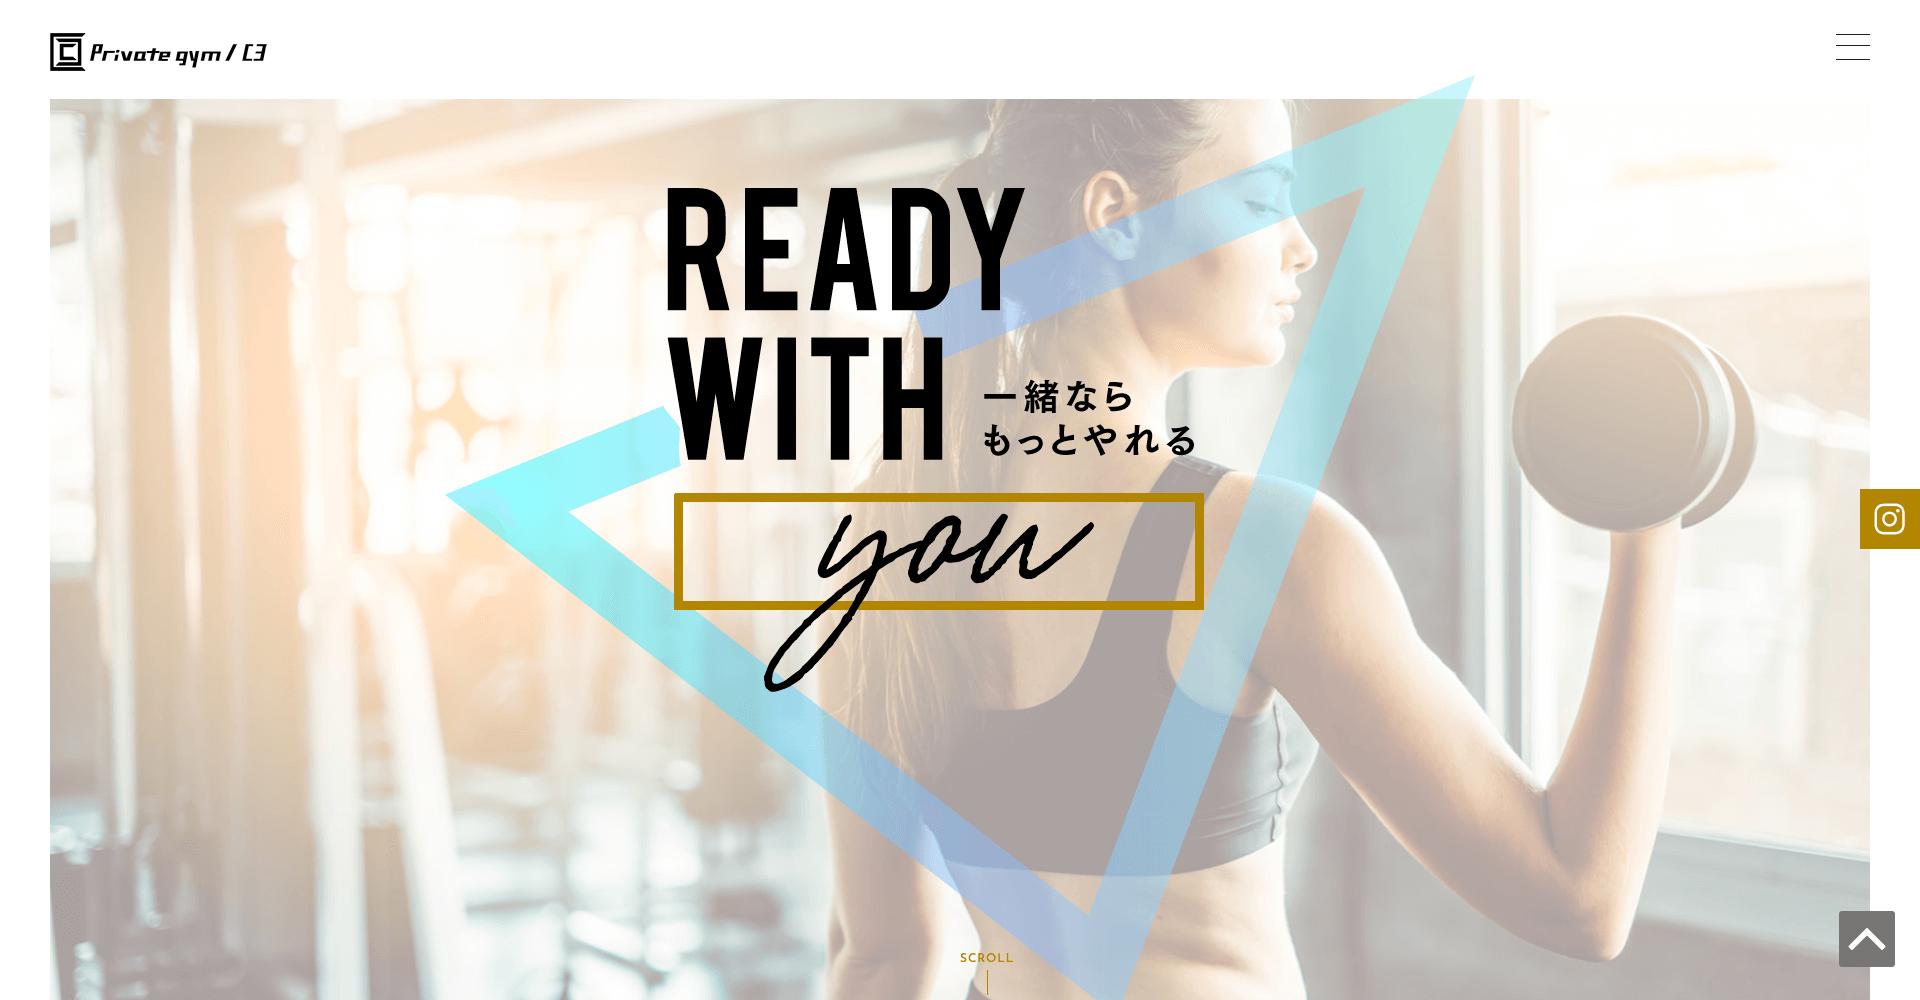 c3 gym 0から始めるダイエット&トレーニング